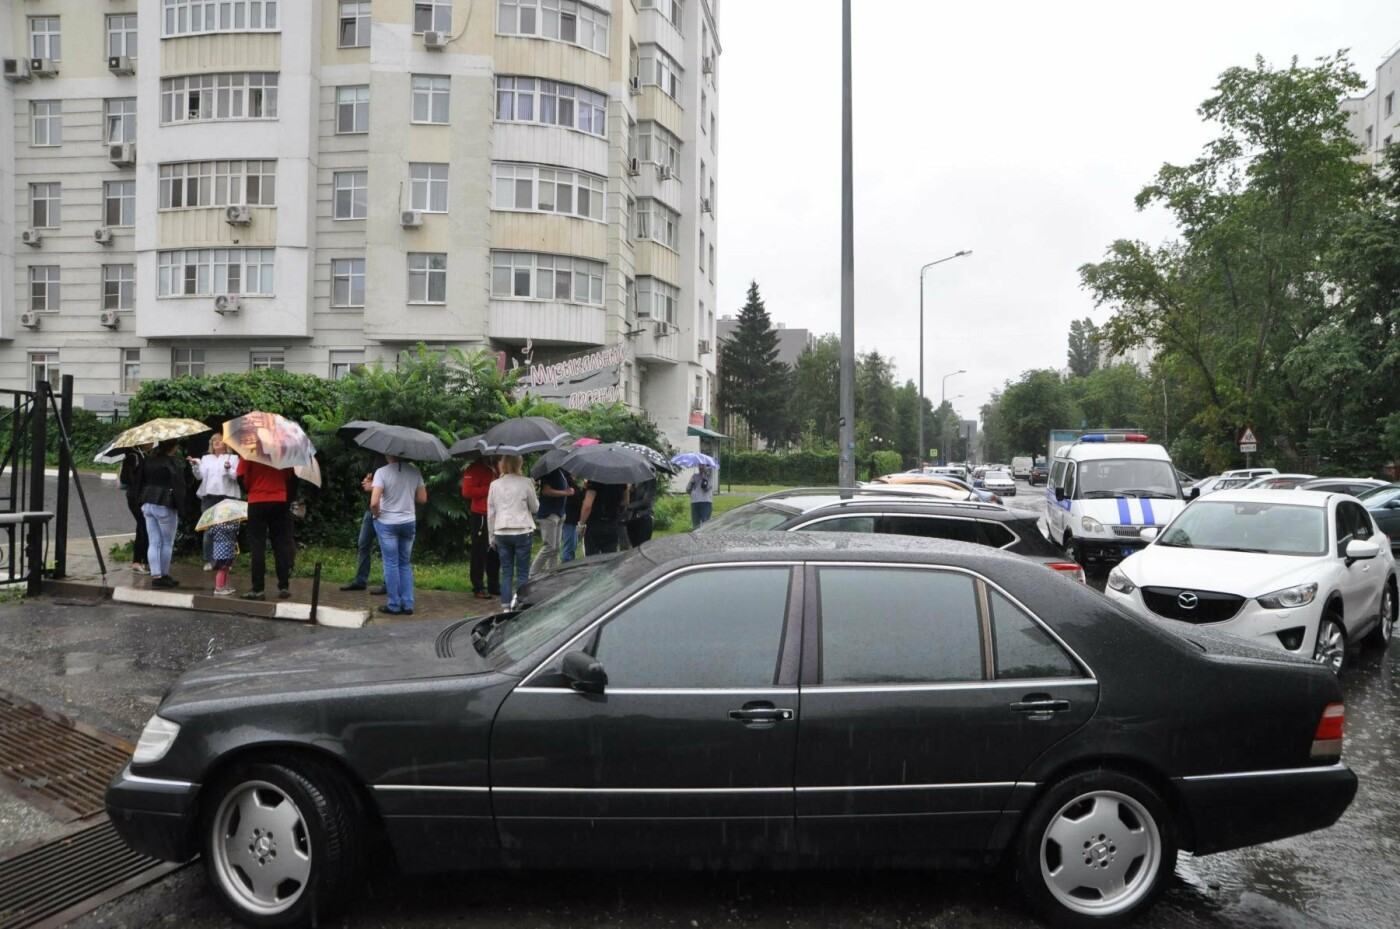 «Сдались нам тогда эти квартиры?». Как жители элитного ЖК отстаивают право на бесплатную парковку, фото-3